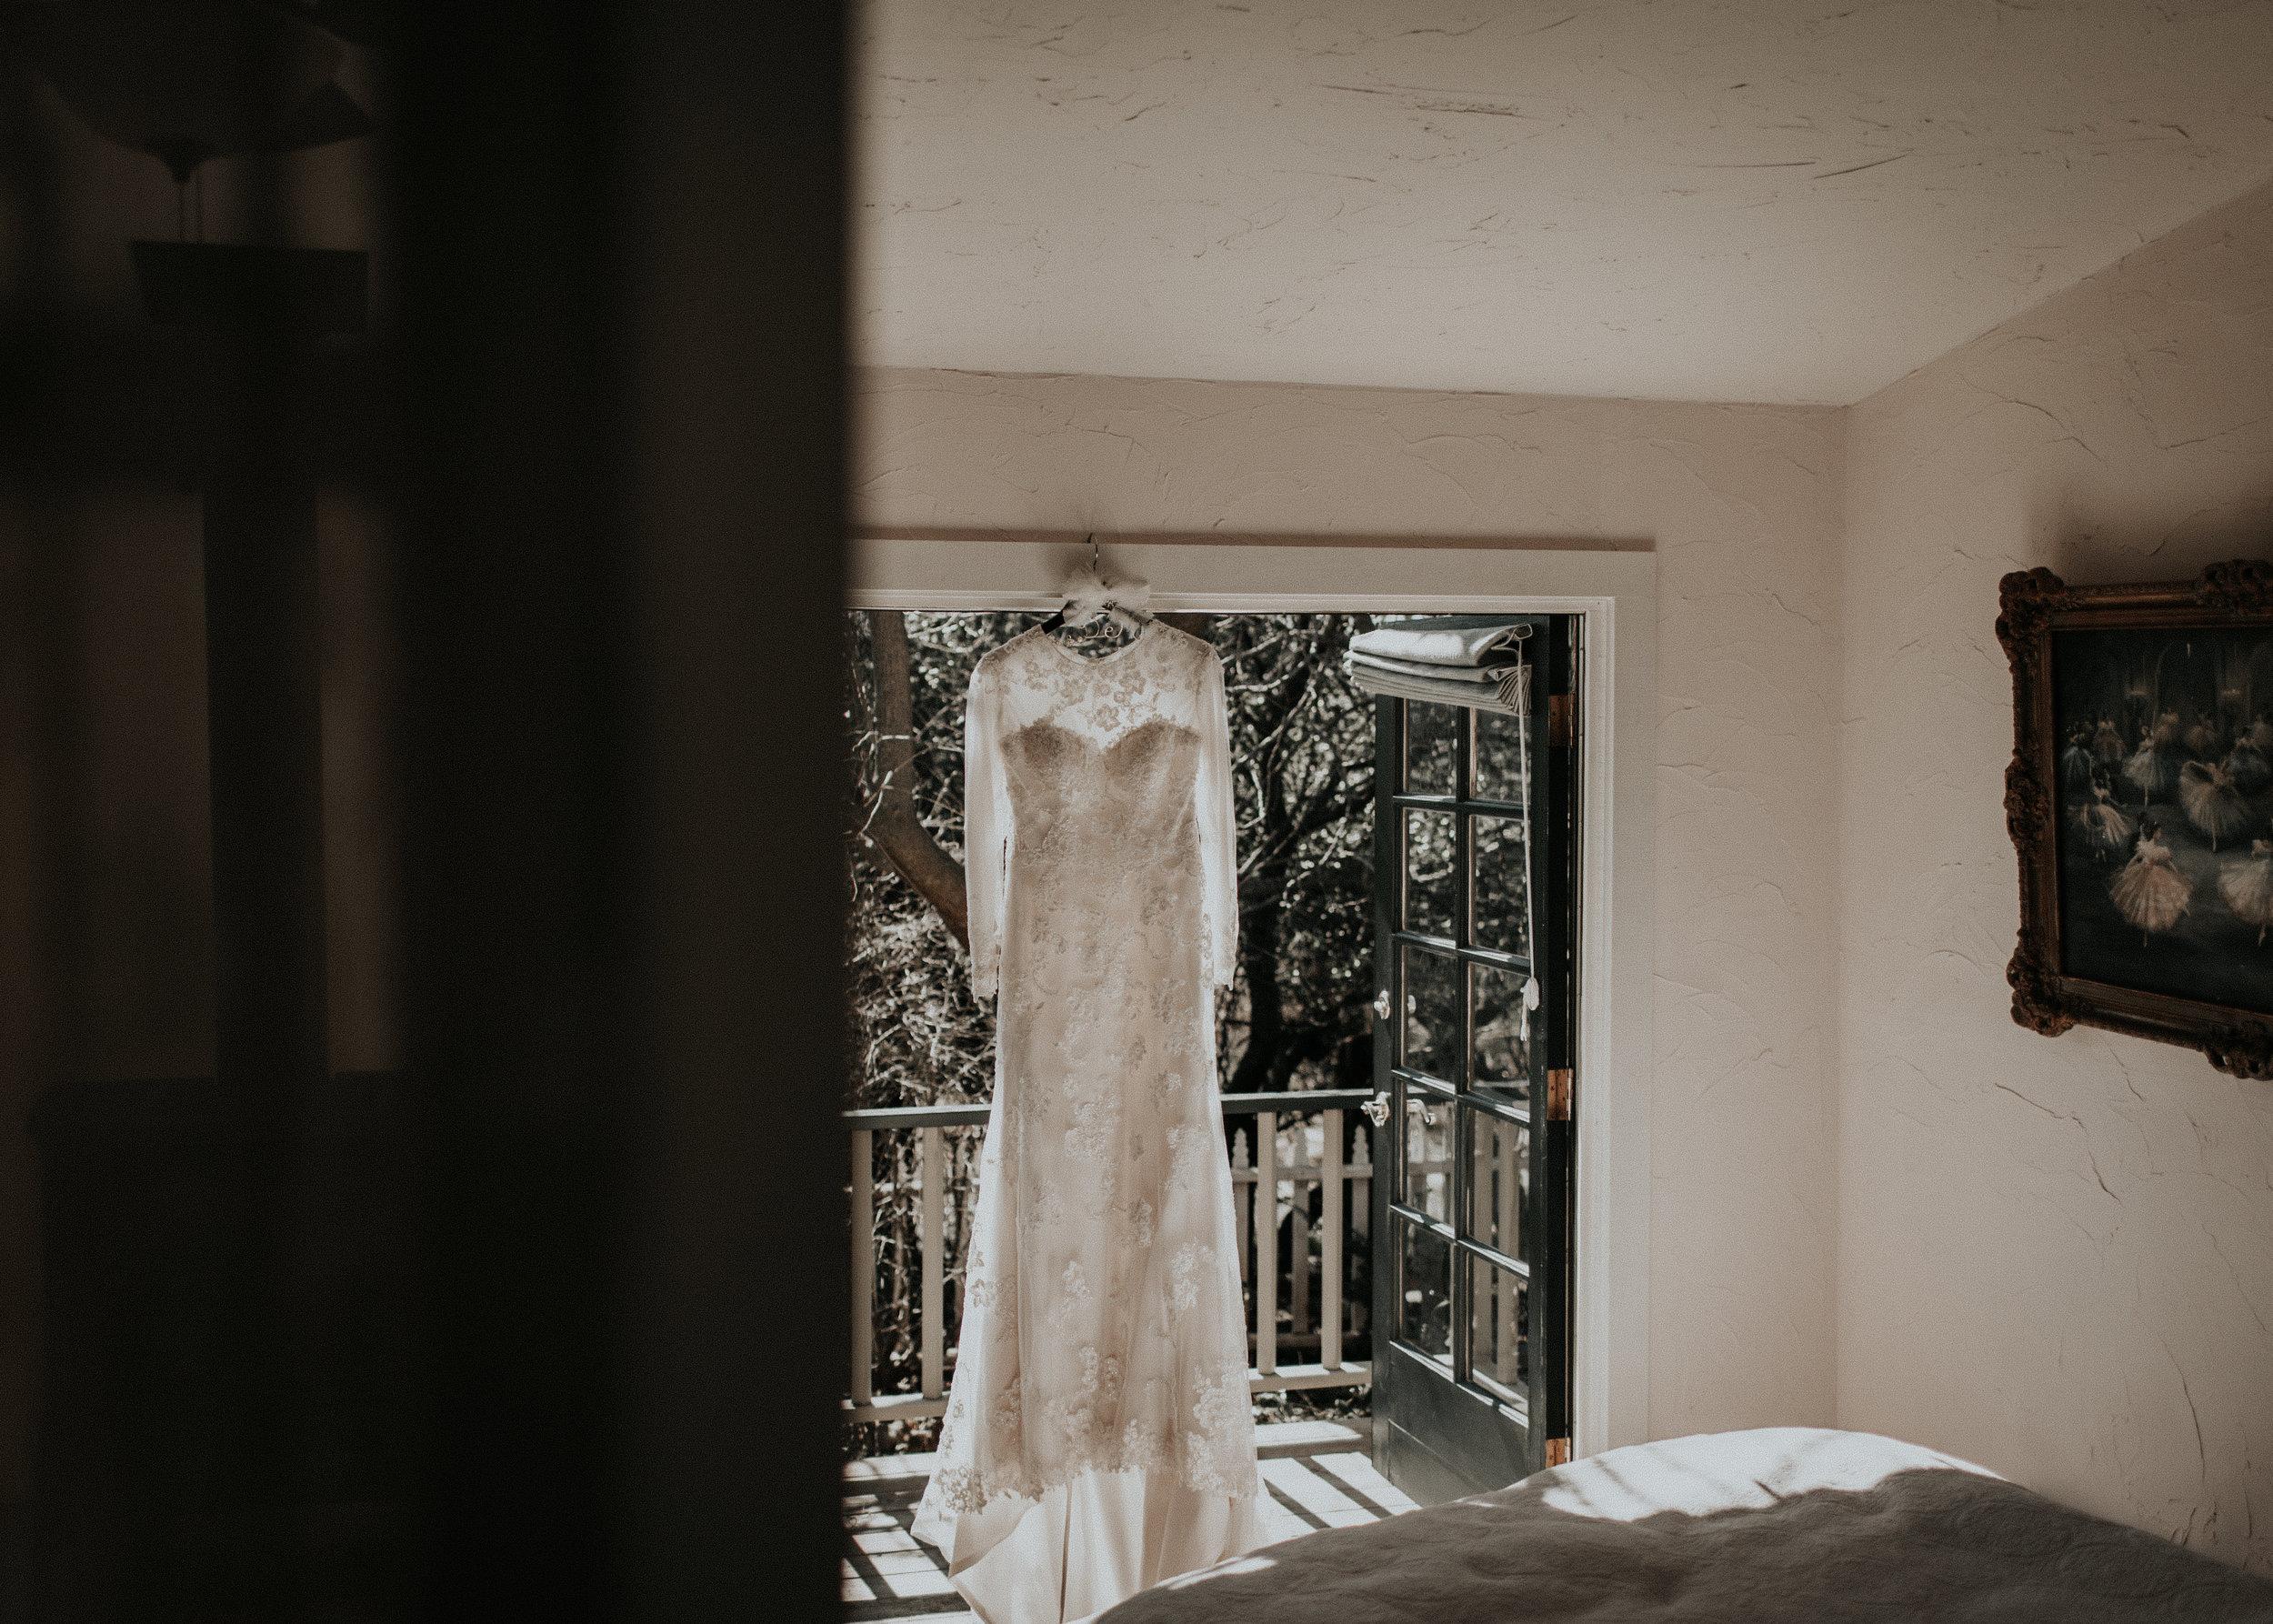 the dress-2.jpg